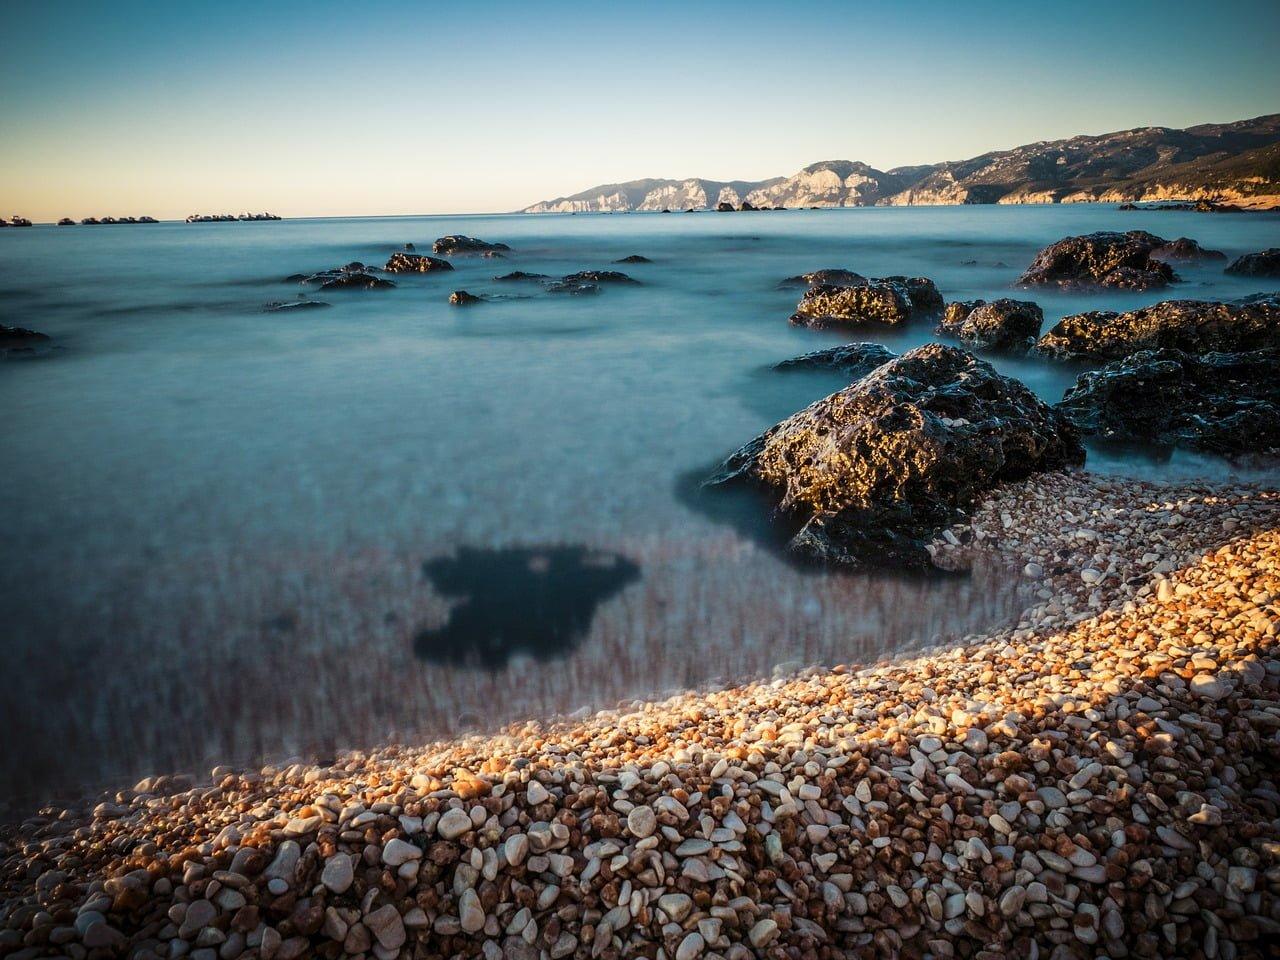 Perché andare in vacanza in Sardegna